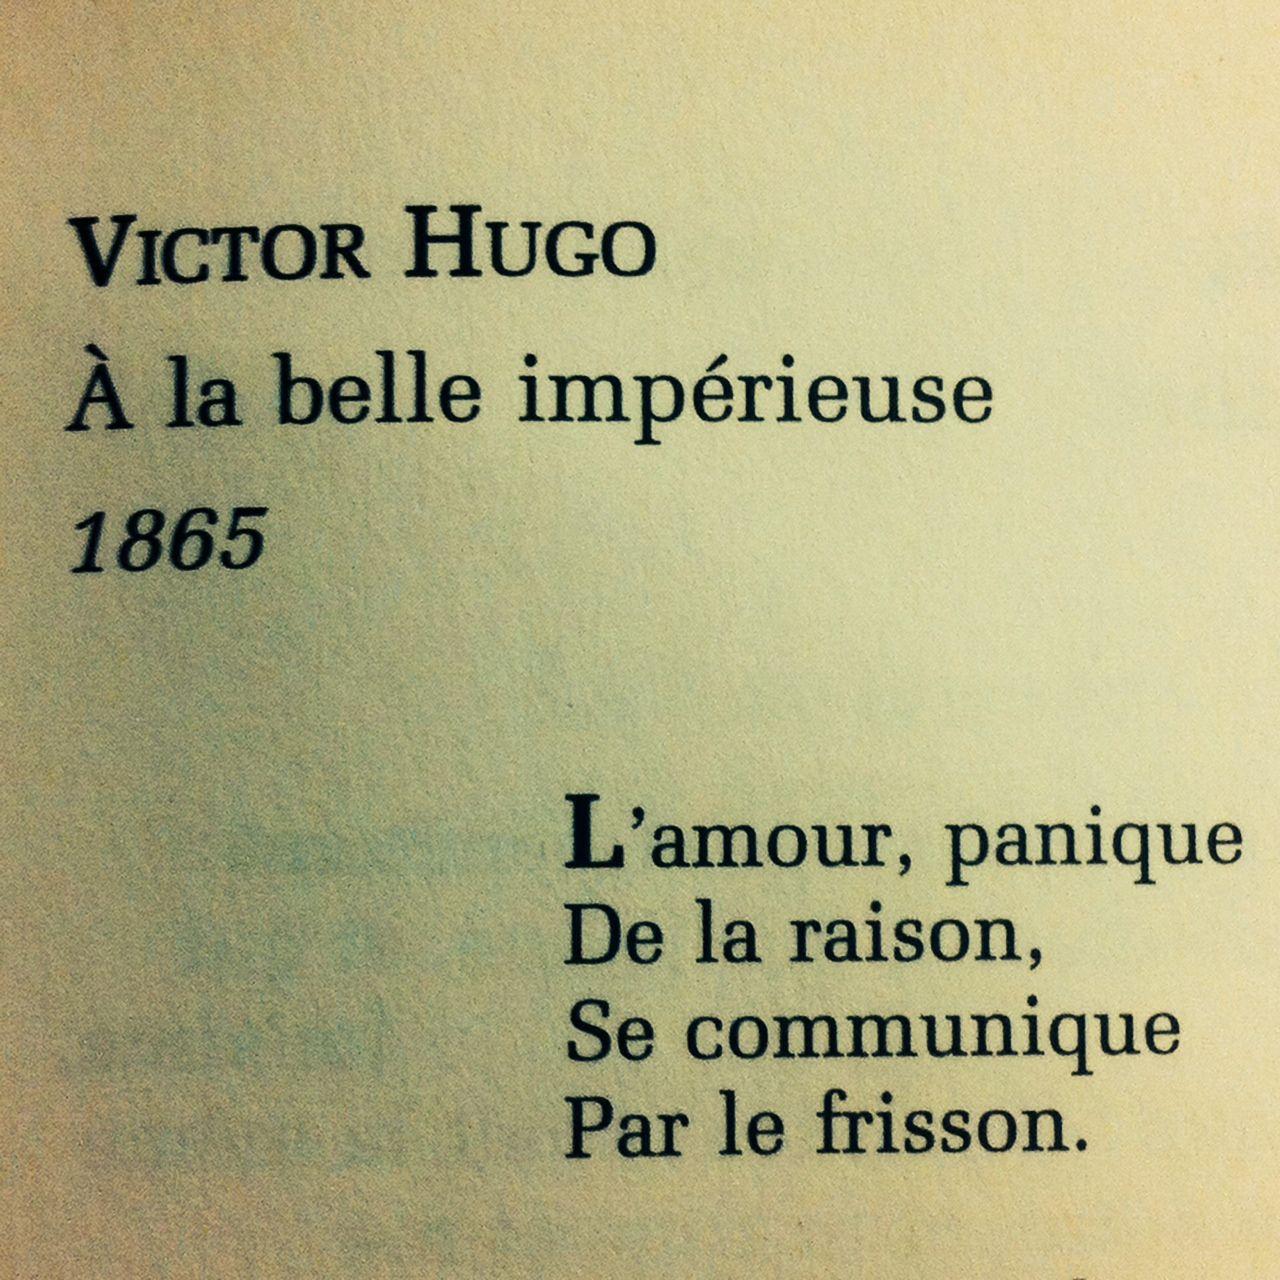 Extrait De A La Belle Impérieuse De Victor Hugo